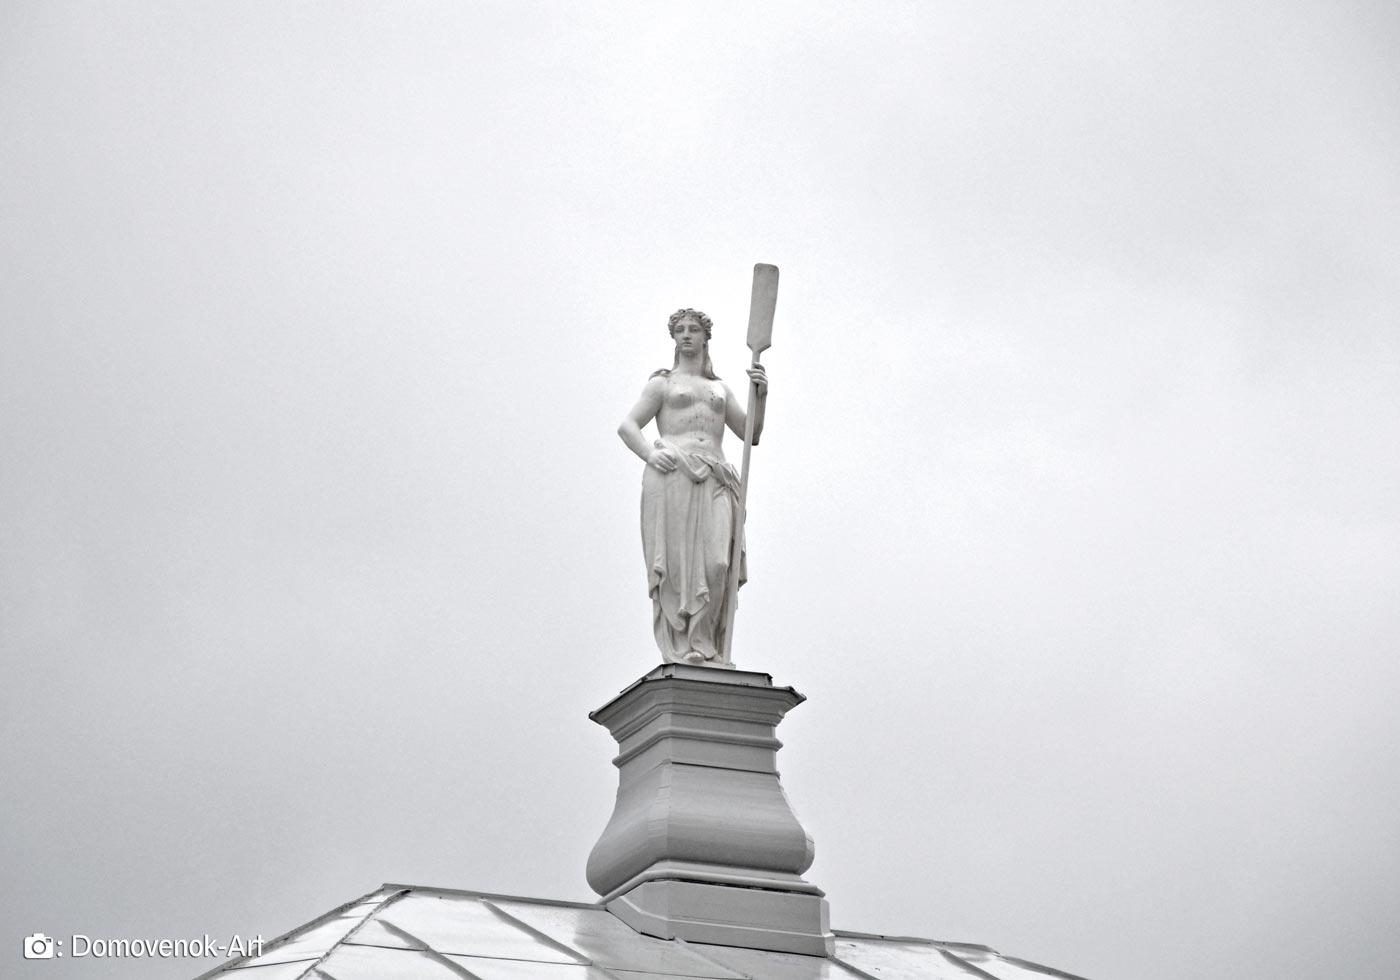 Статуя девушки с веслом на Ботном доме. Петропавсловская крепость